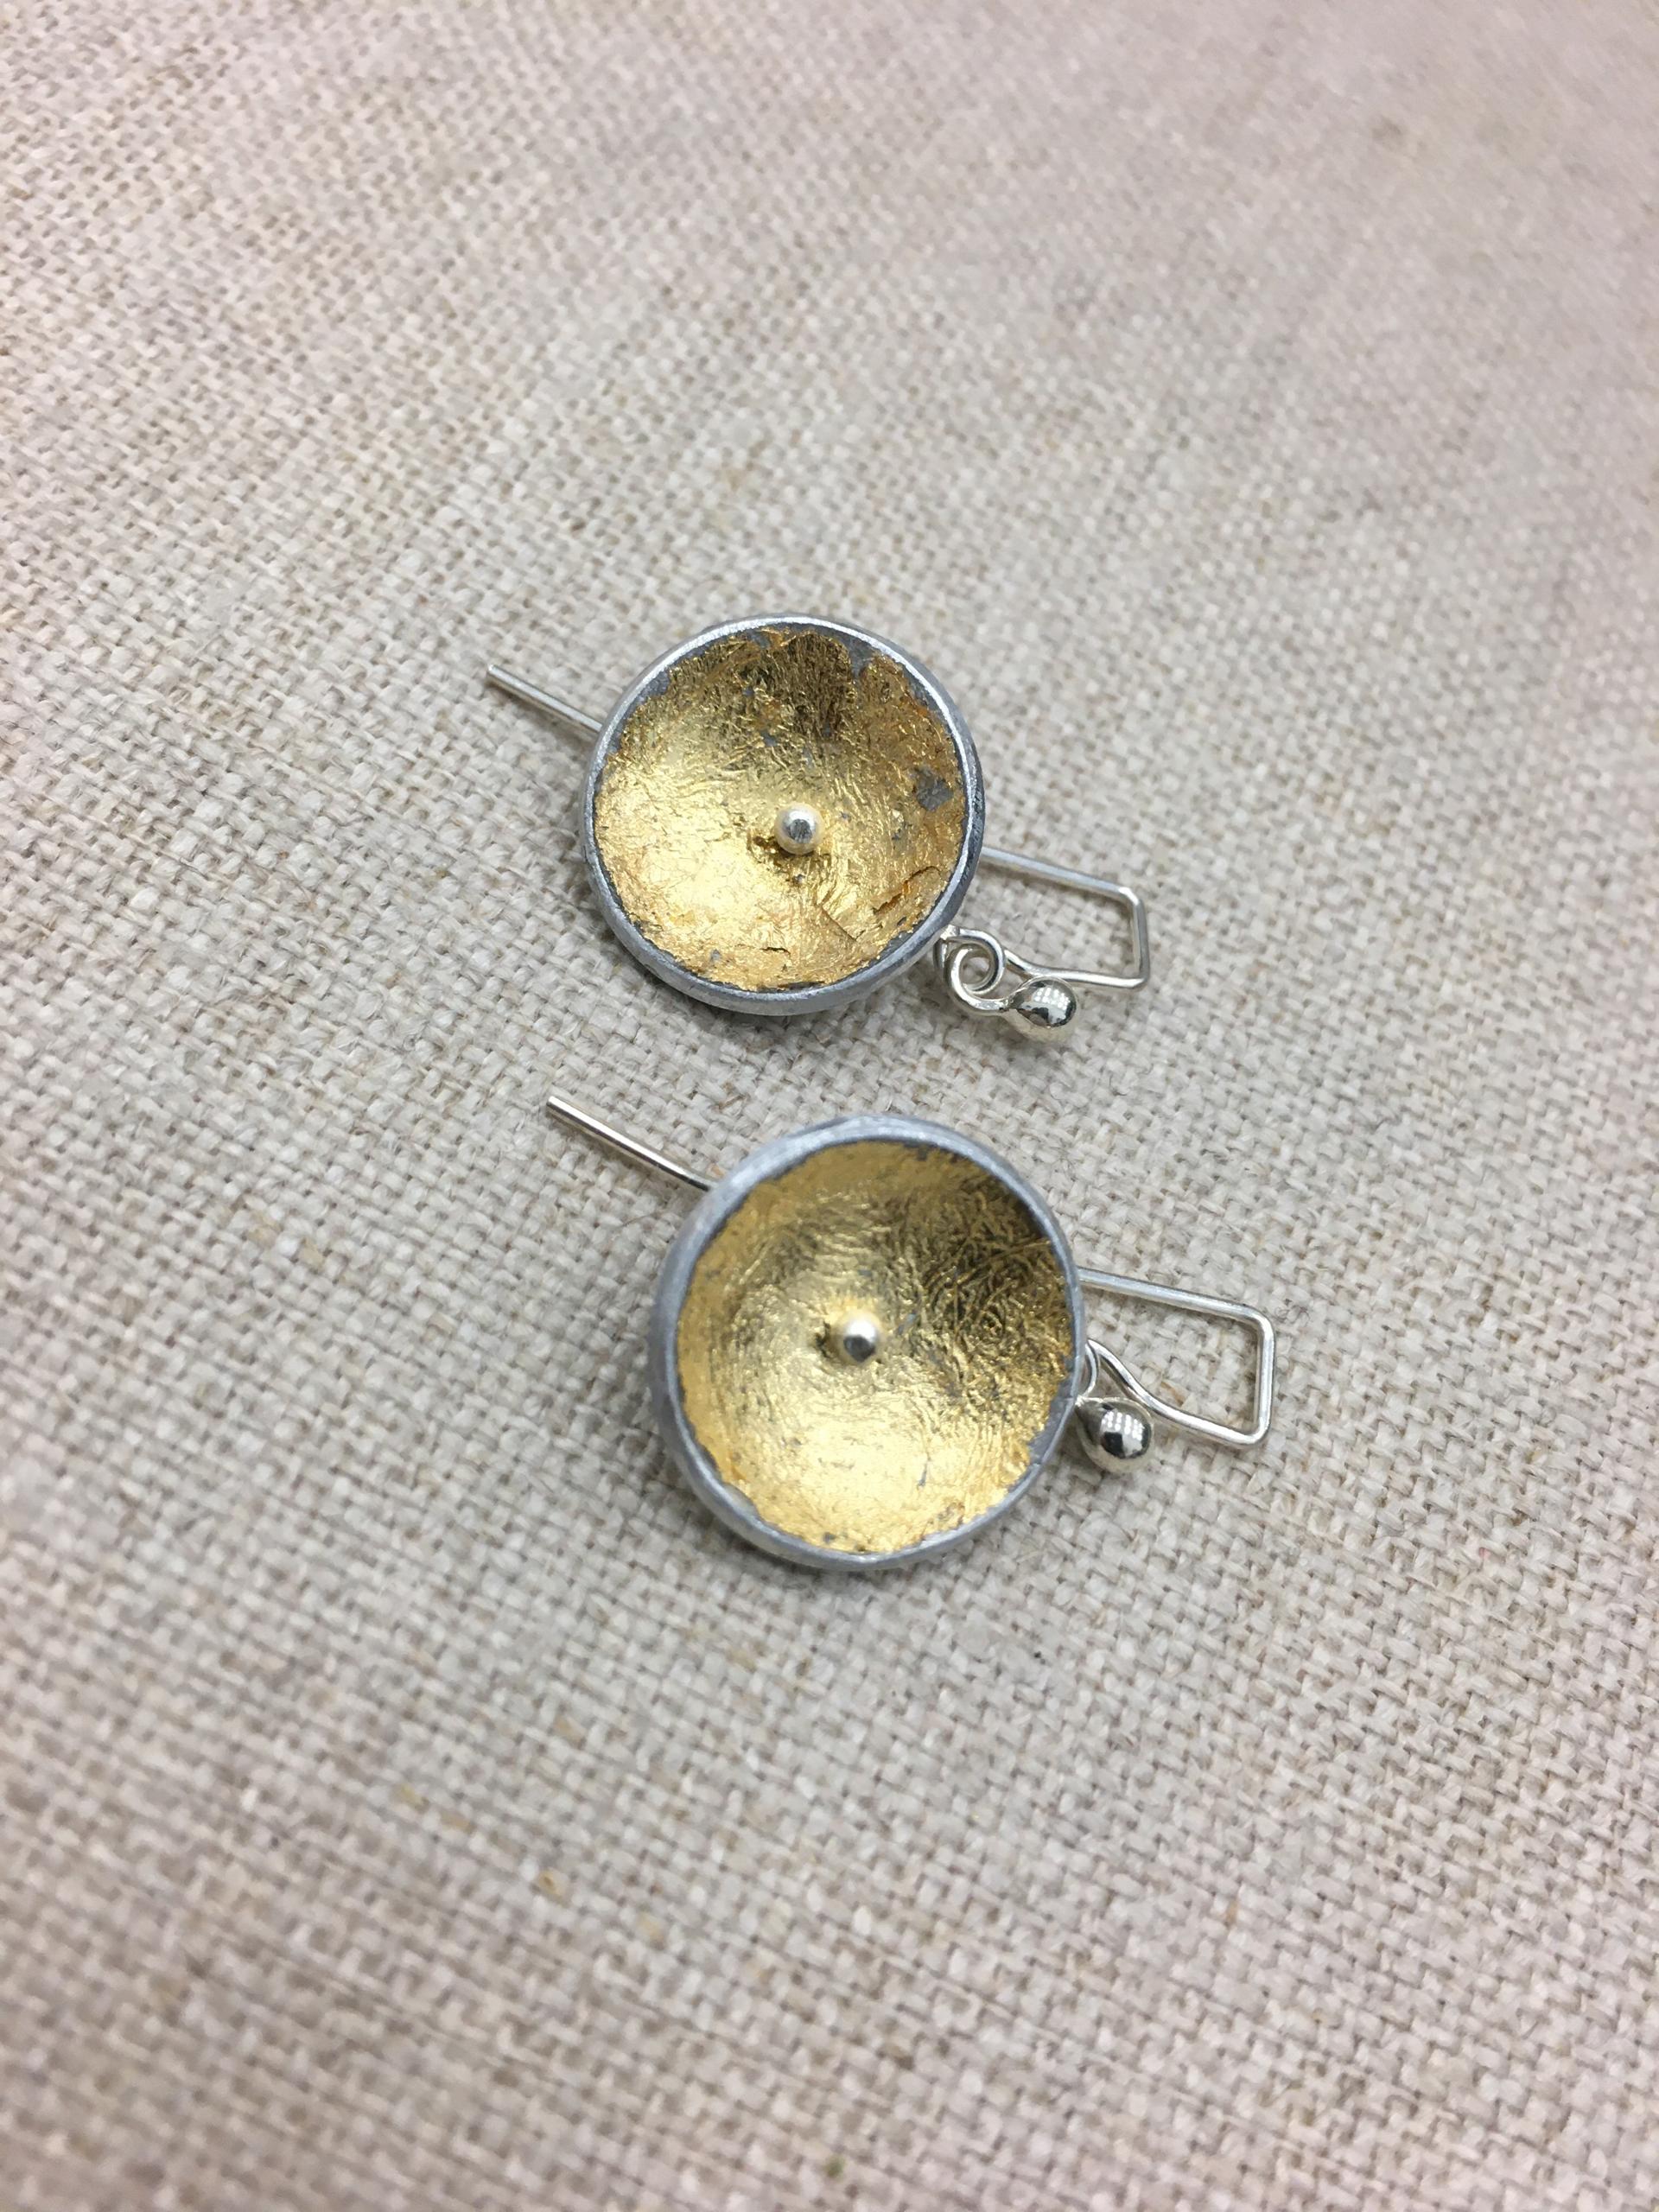 9279 Earrings by Lori Paulsen